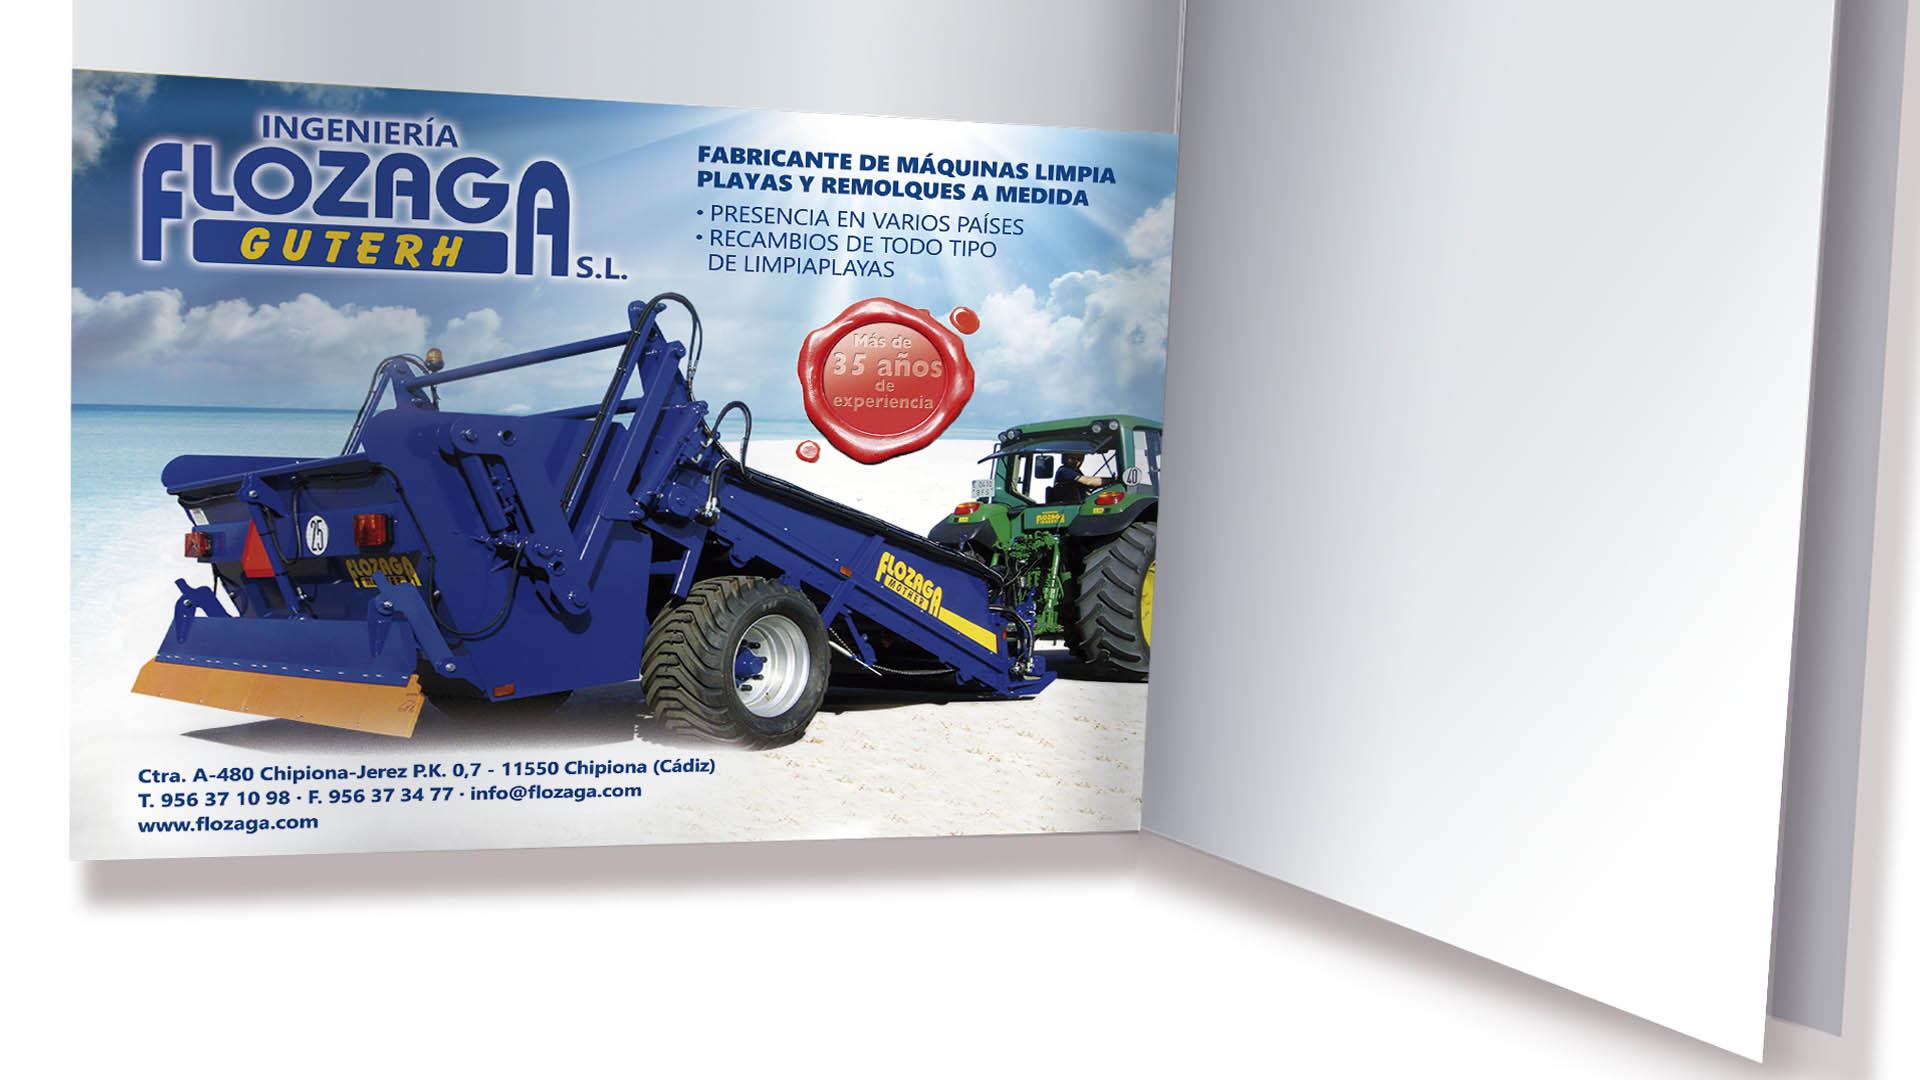 FLOZAGA GUTERH - Anuncio Revista